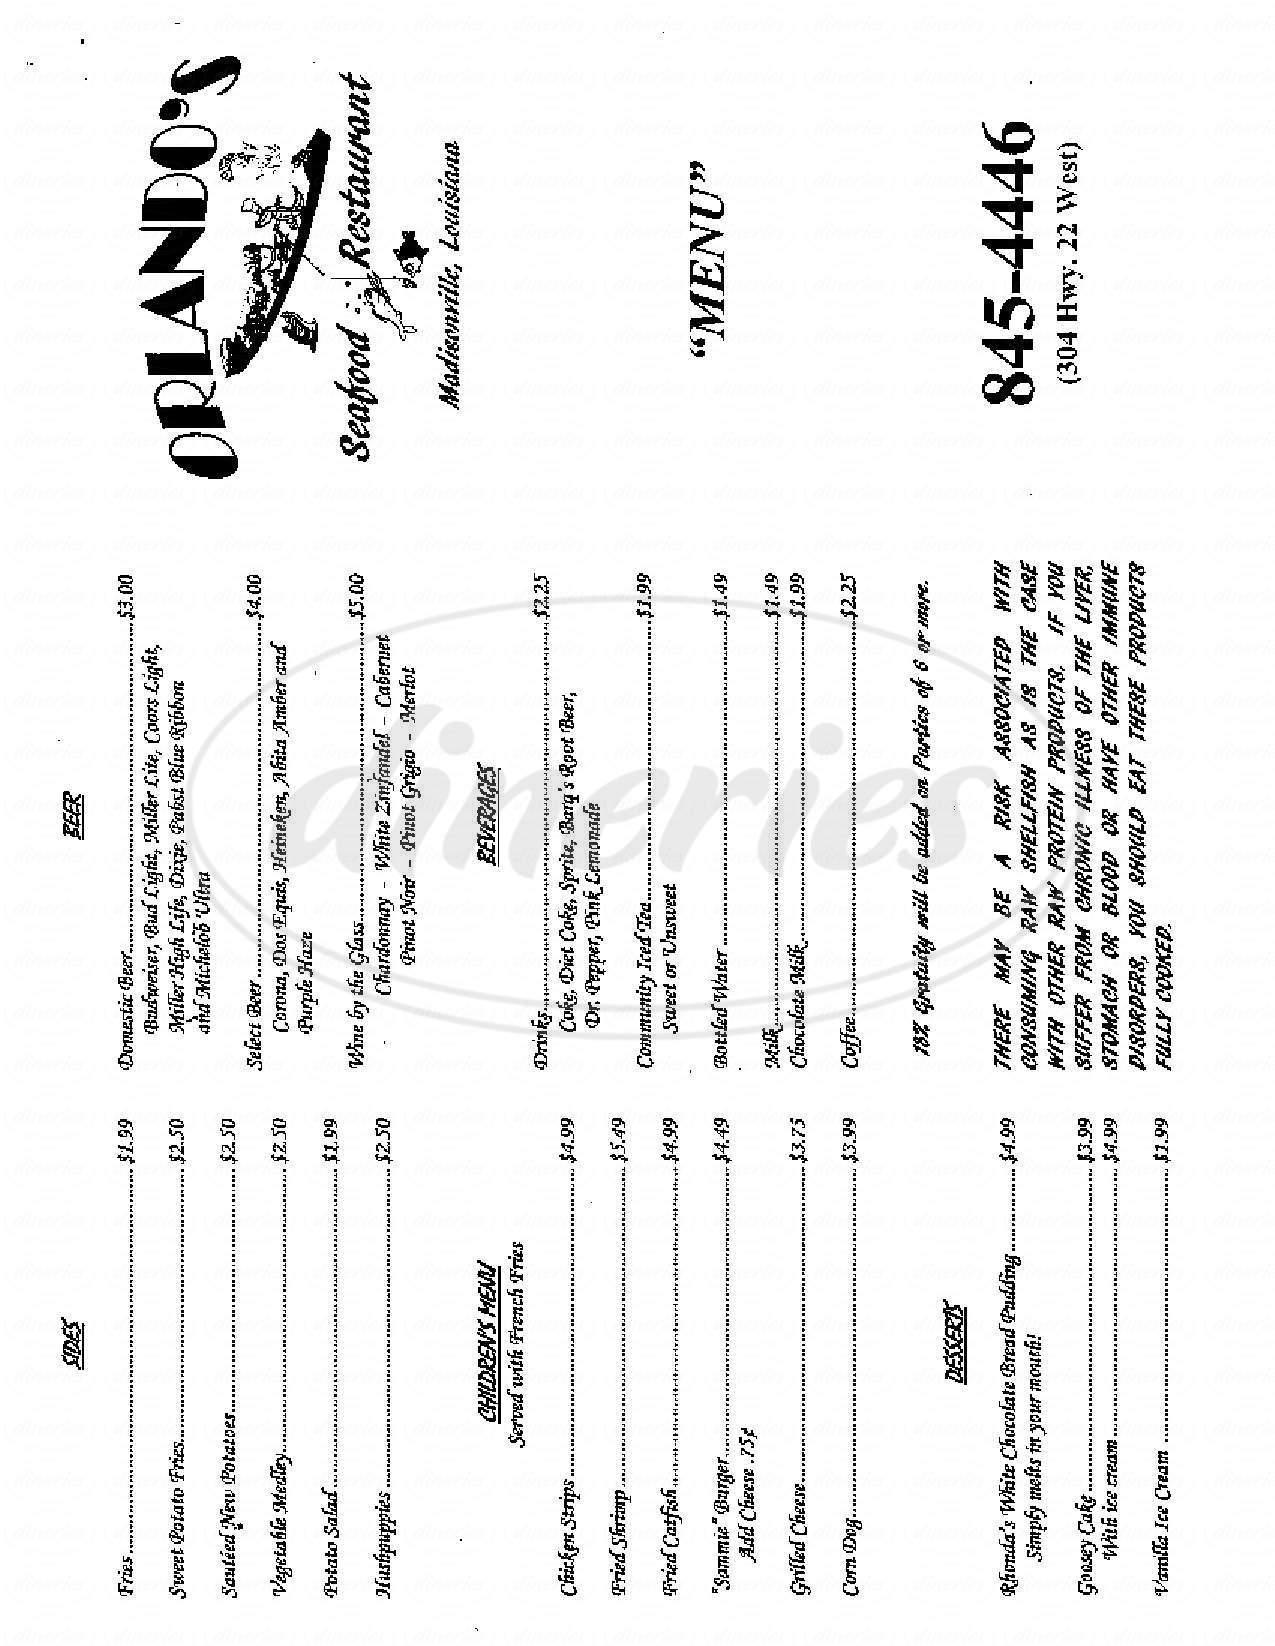 menu for Orlando's Seafood Restaurant